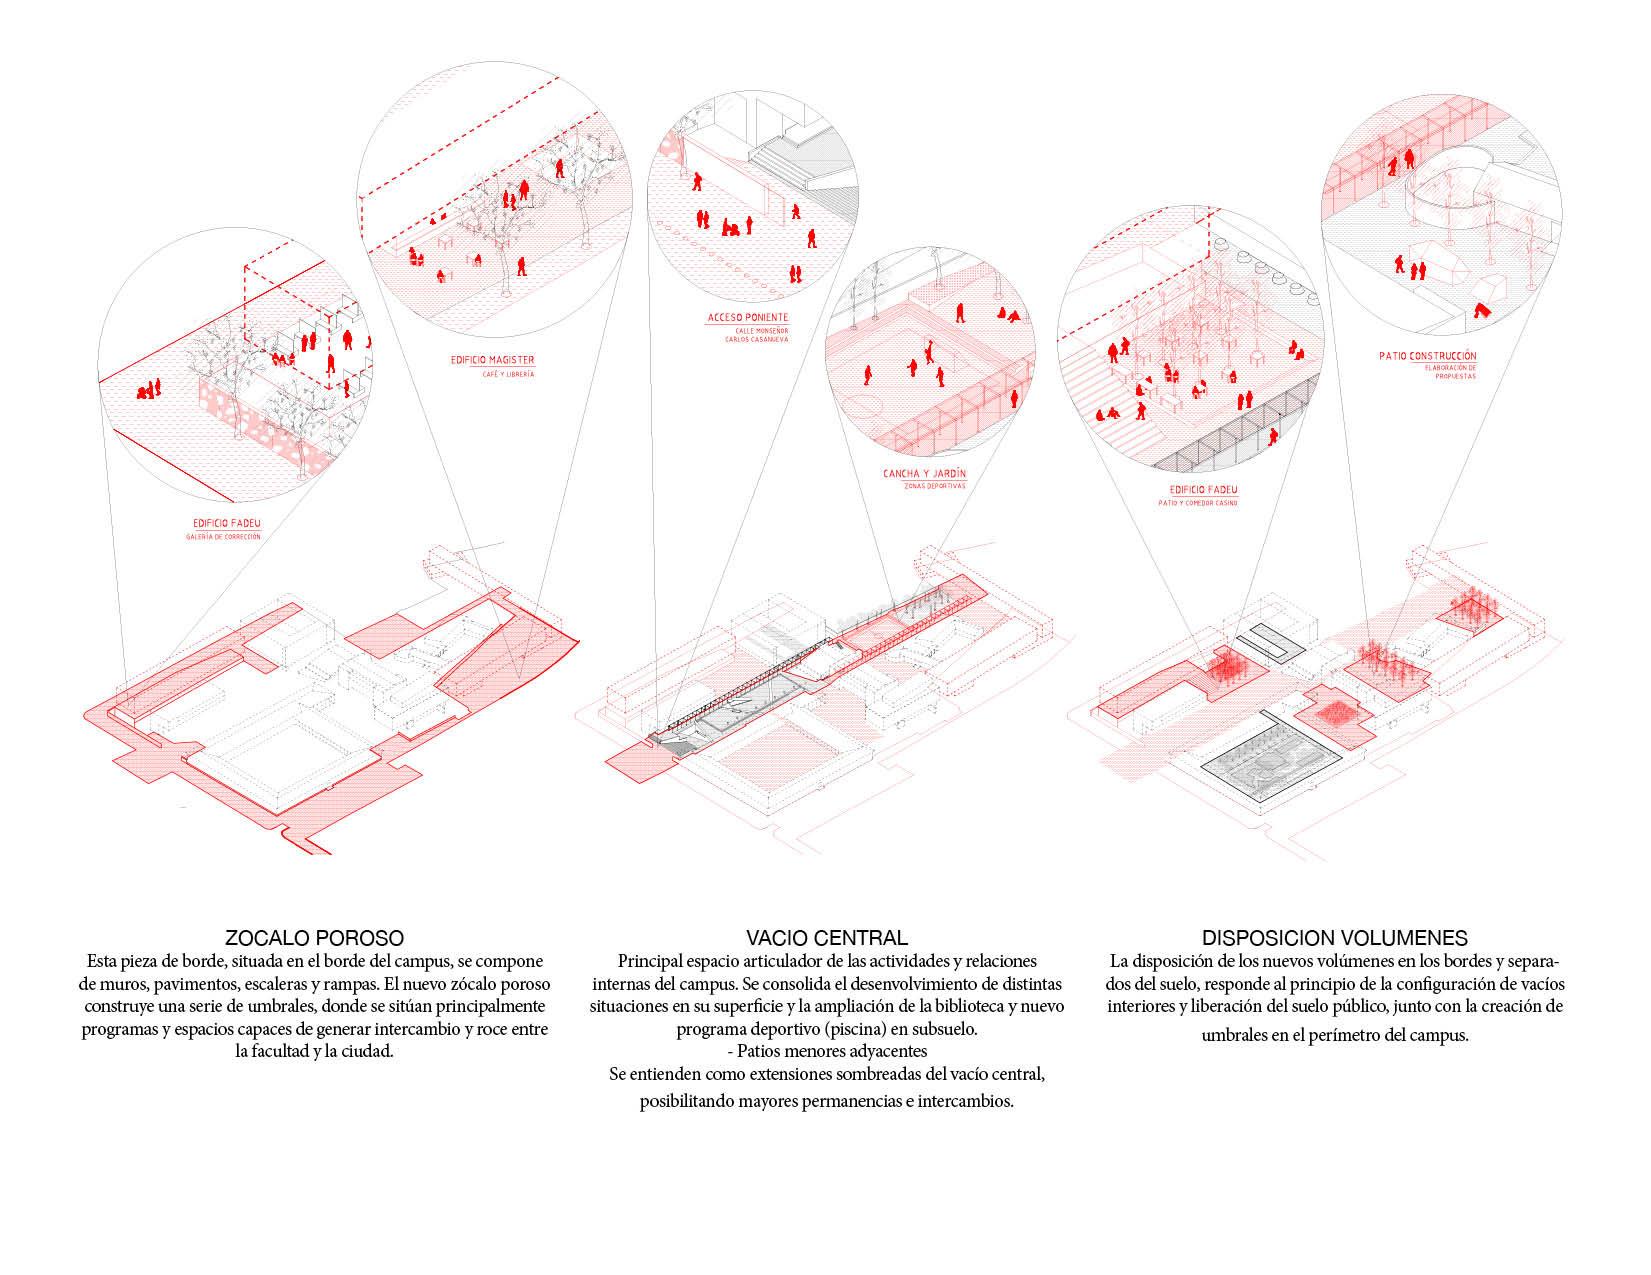 Plan Maestro. Image Cortesia de Beals + Lyon Arquitectos